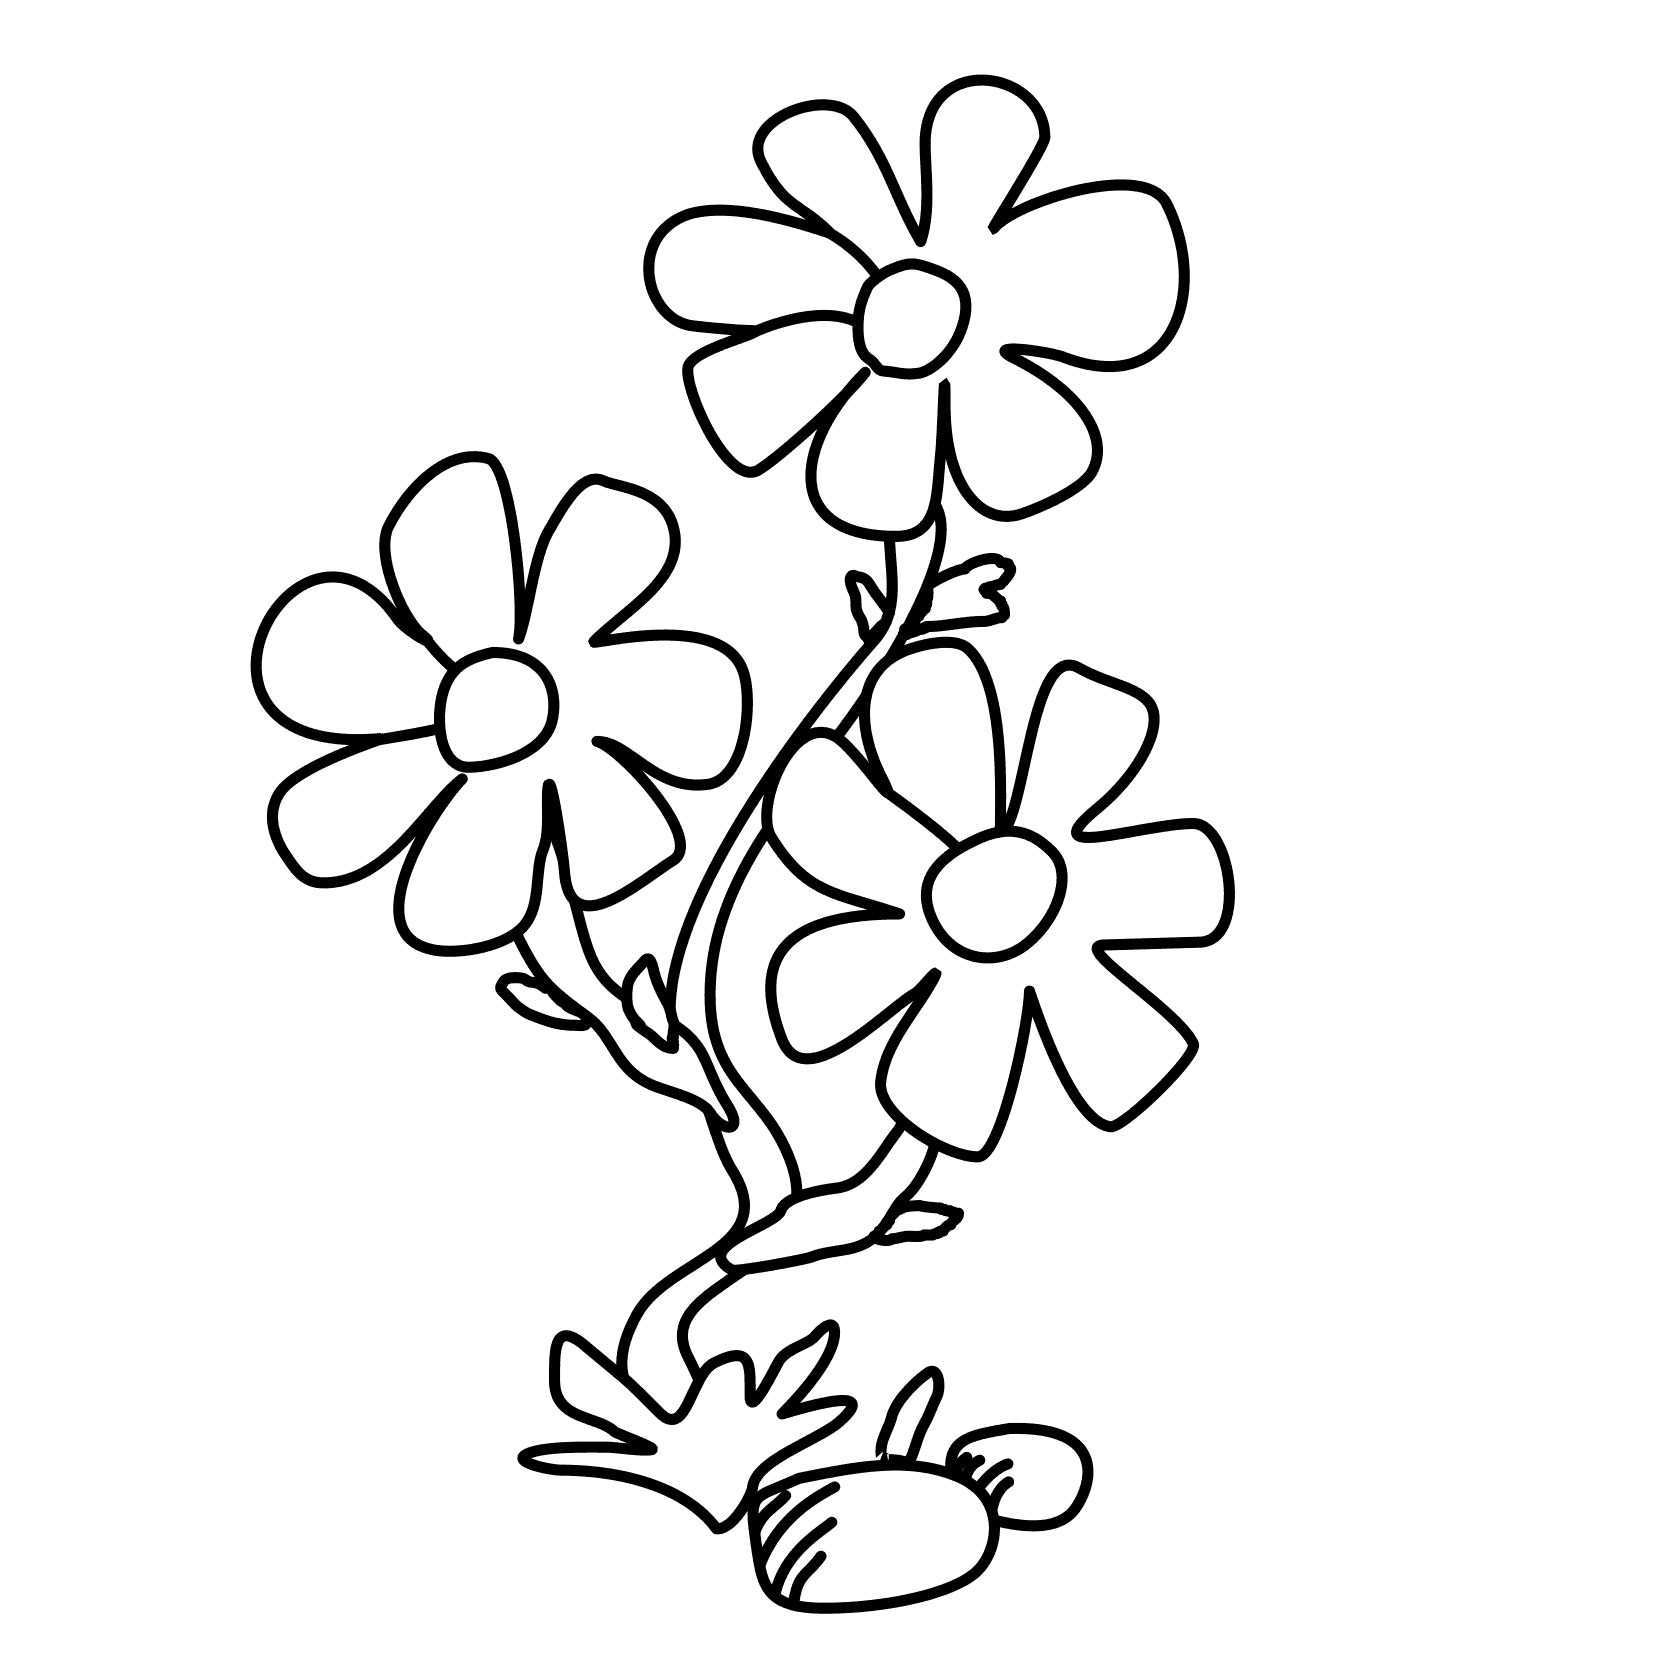 Malvorlagen Blumen Ranken Malvorlagen Blumen Malvorlagen Kostenlose Malvorlagen